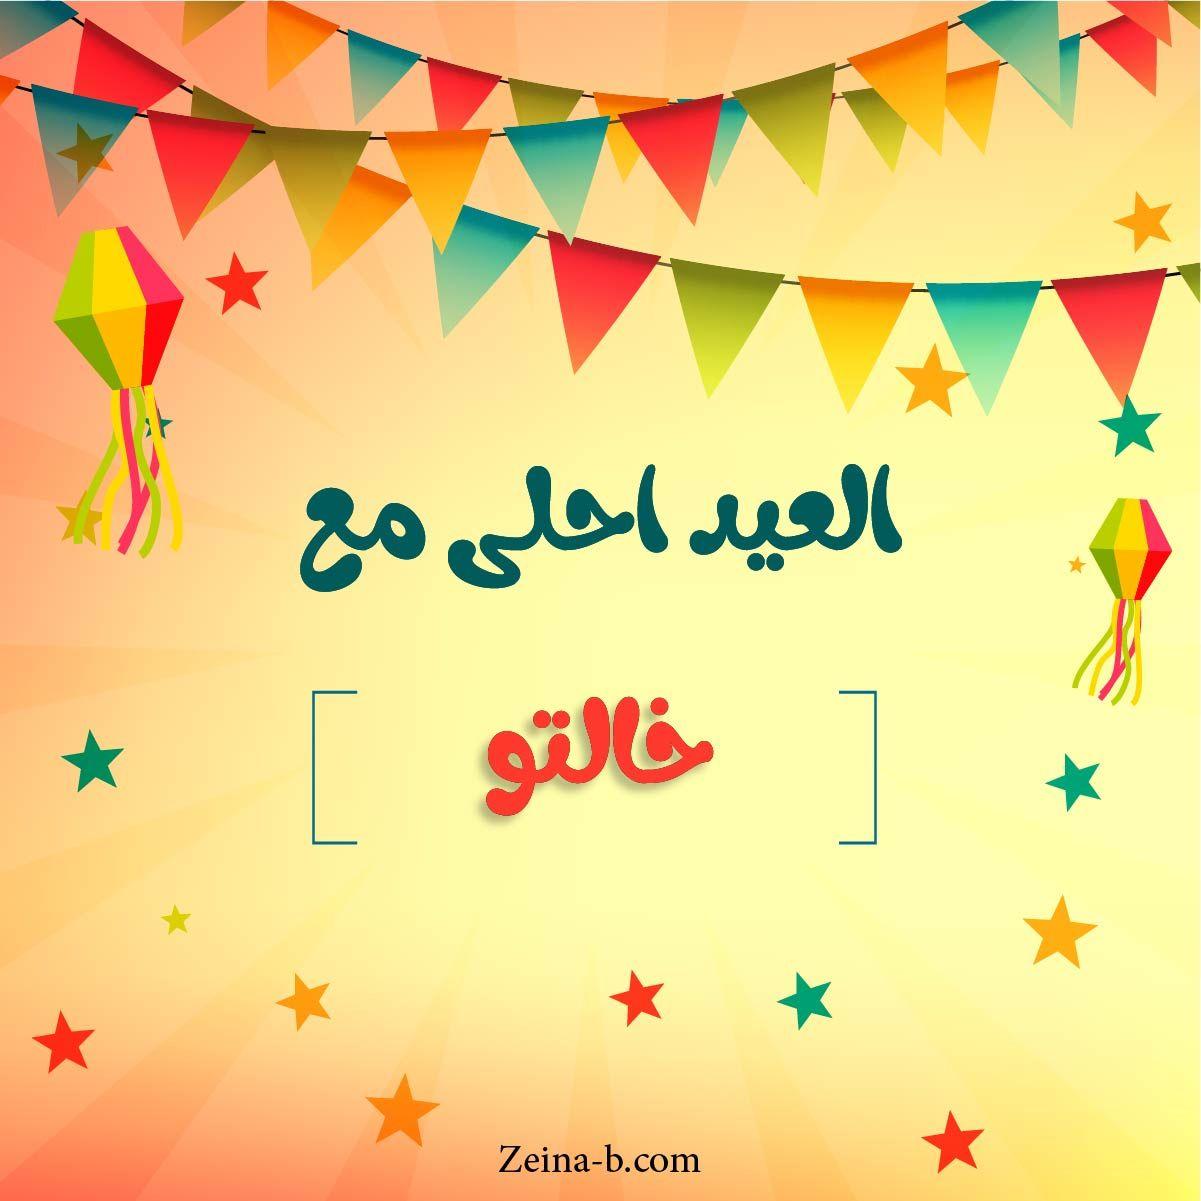 العيد احلى مع خالتو العيد احلى مع خالتى Home Decor Decals Happy Eid Home Decor